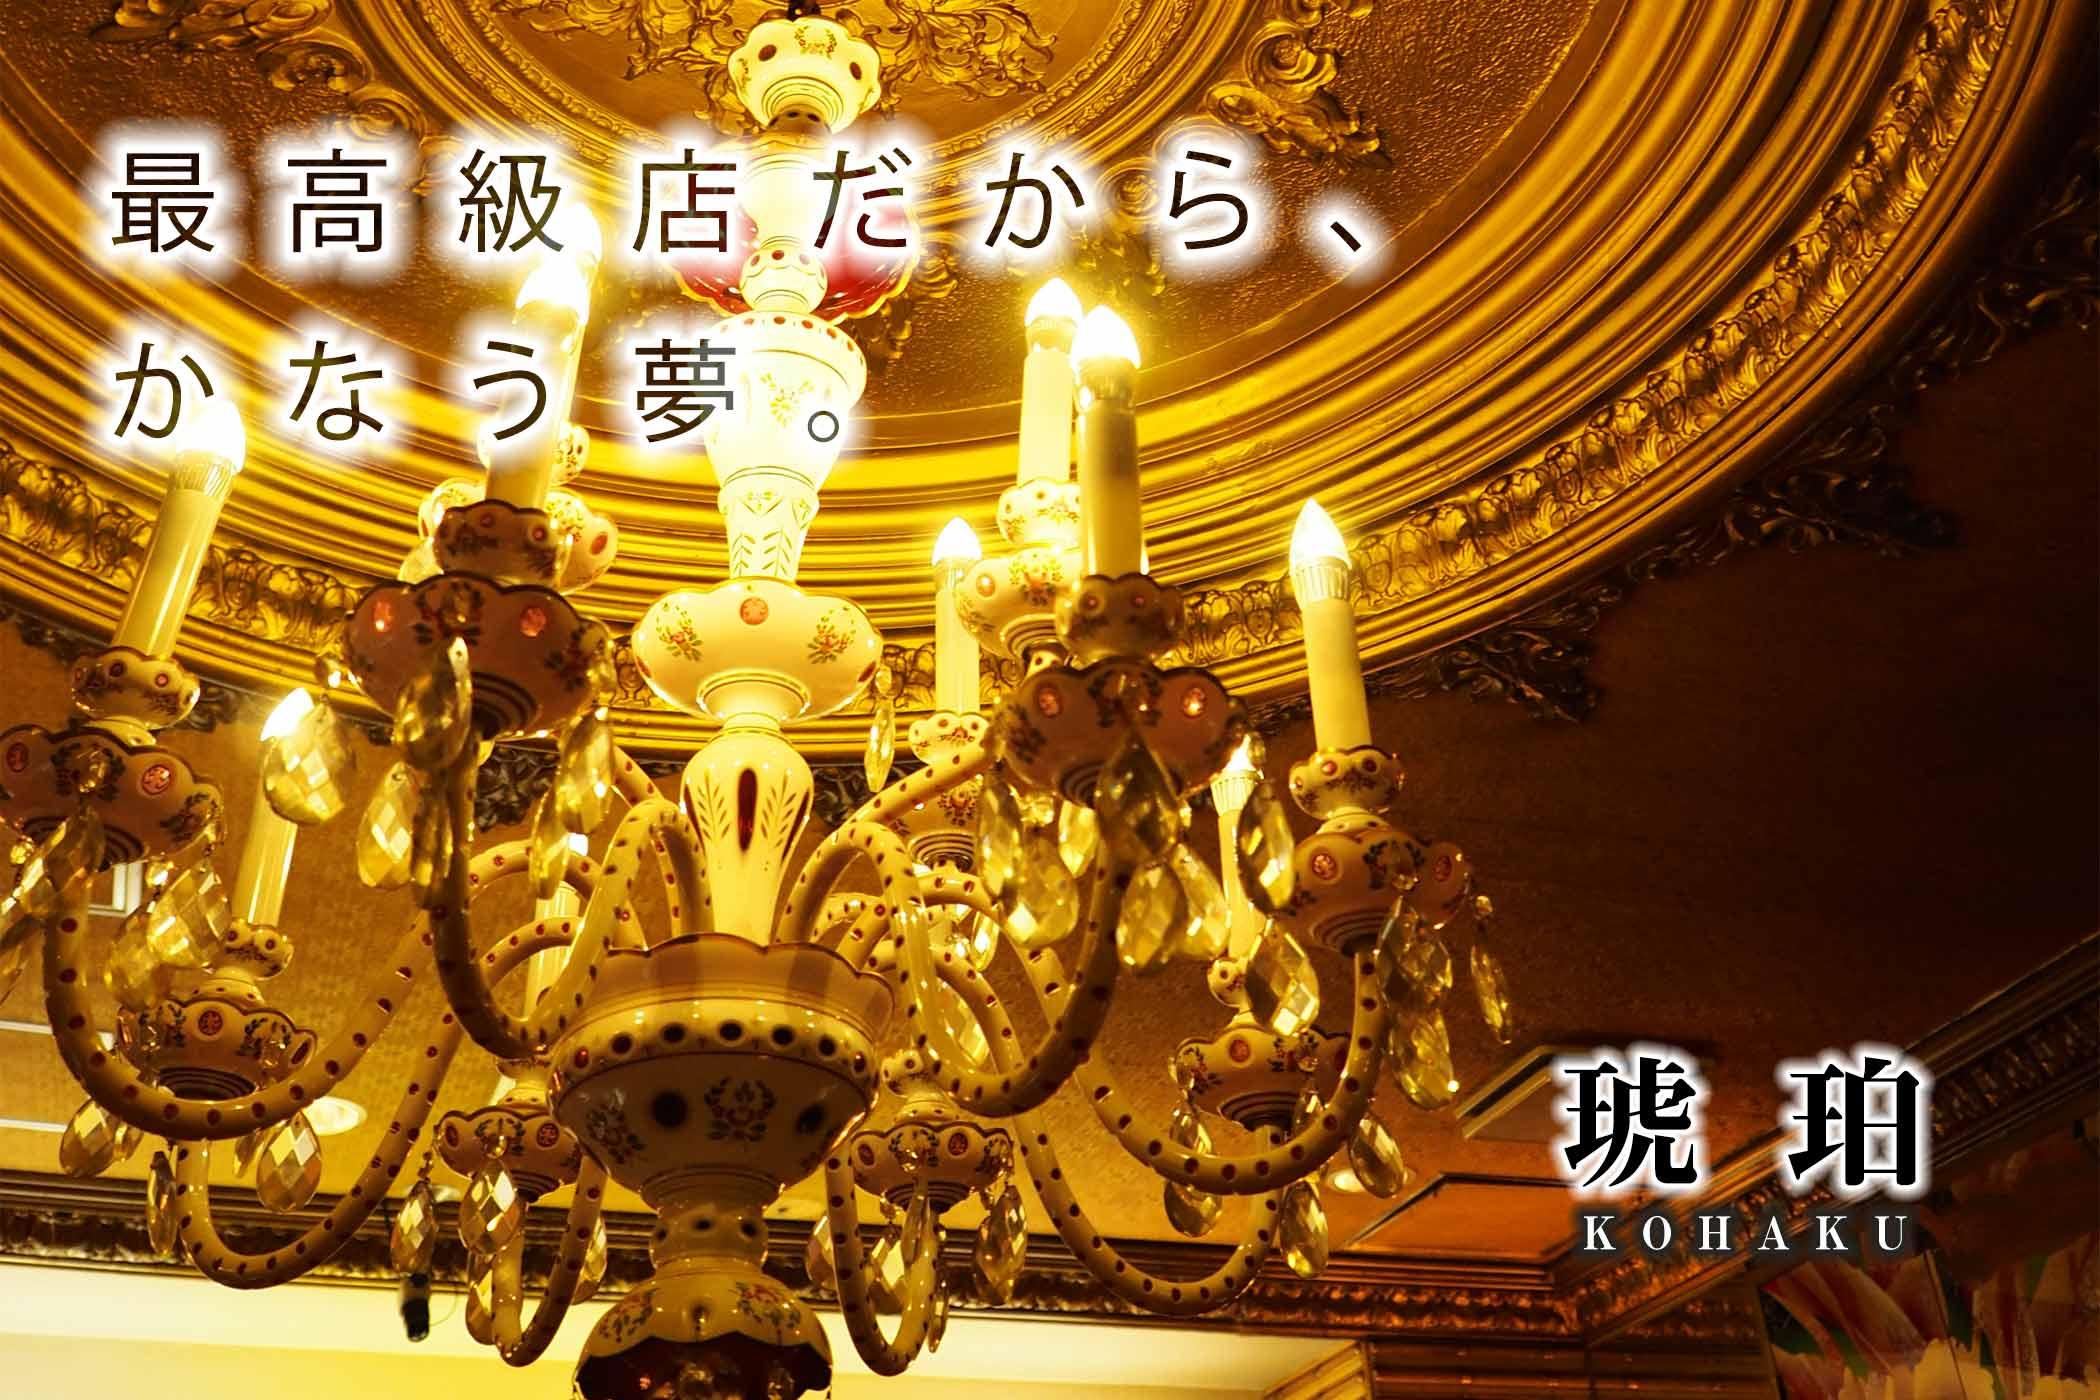 川崎最高級ソープランド『琥珀』コンパニオン募集中